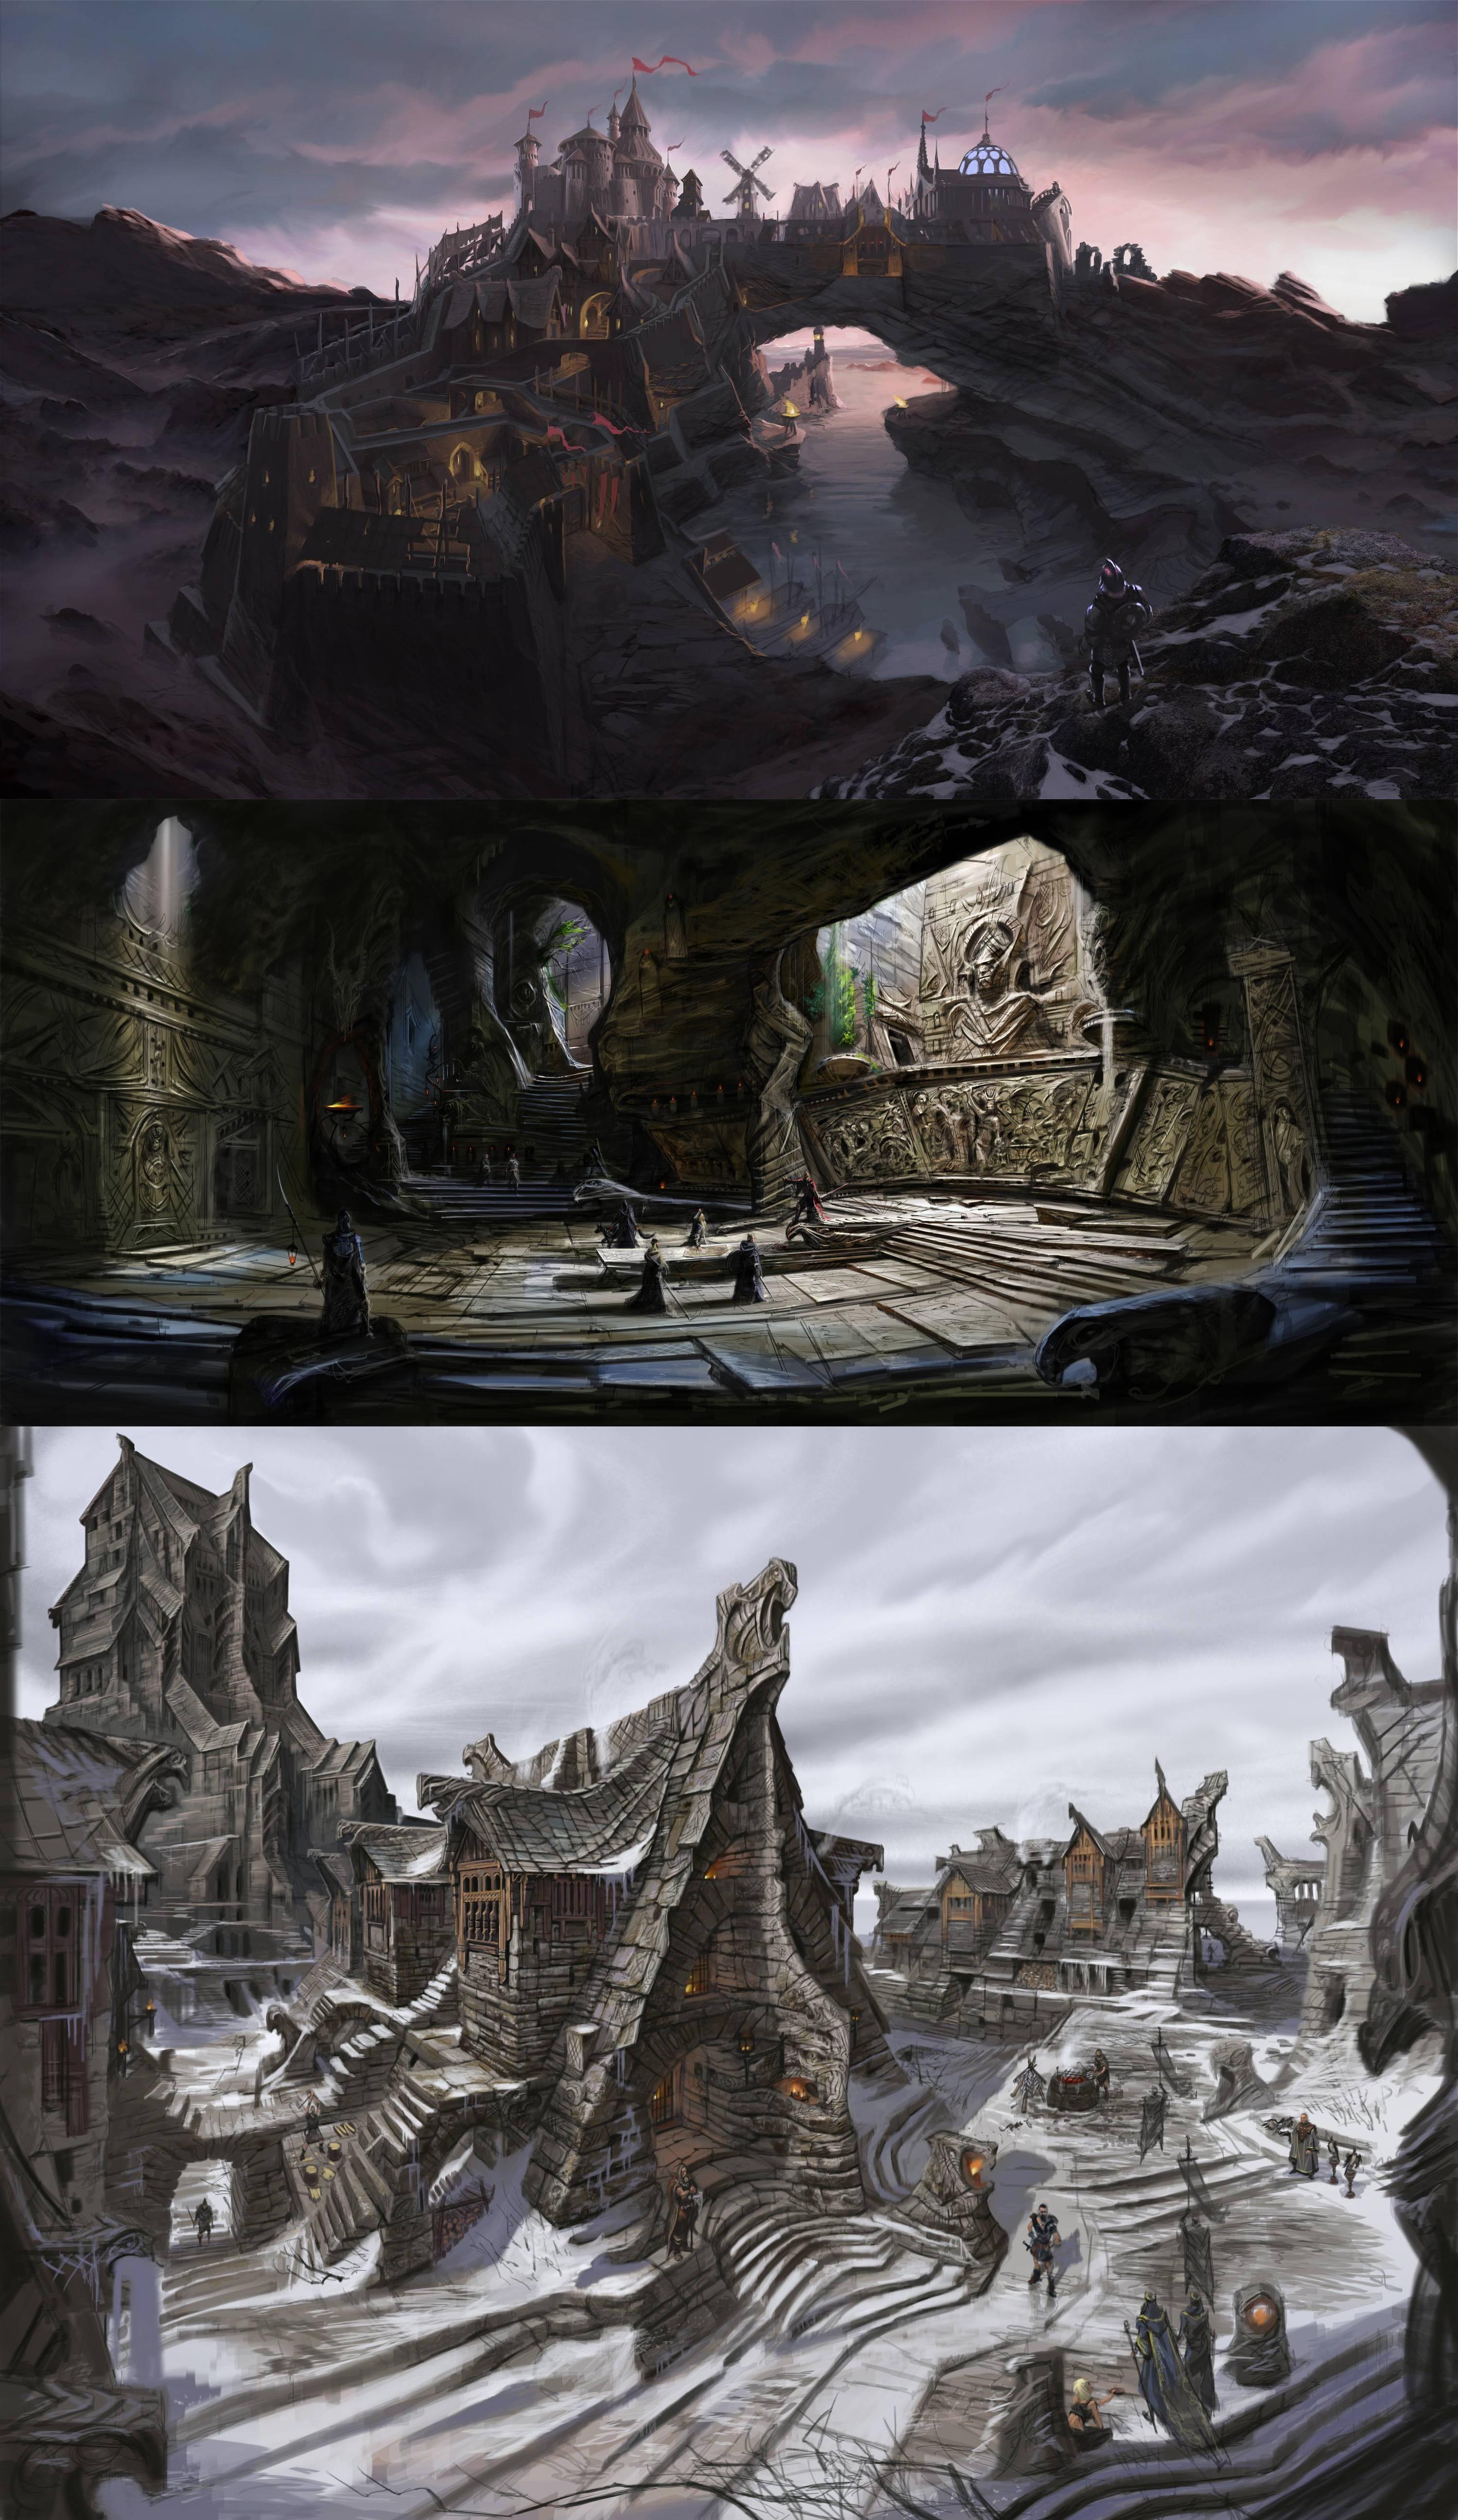 The elder scrolls v, skyrim, concept art, city, solitude ...